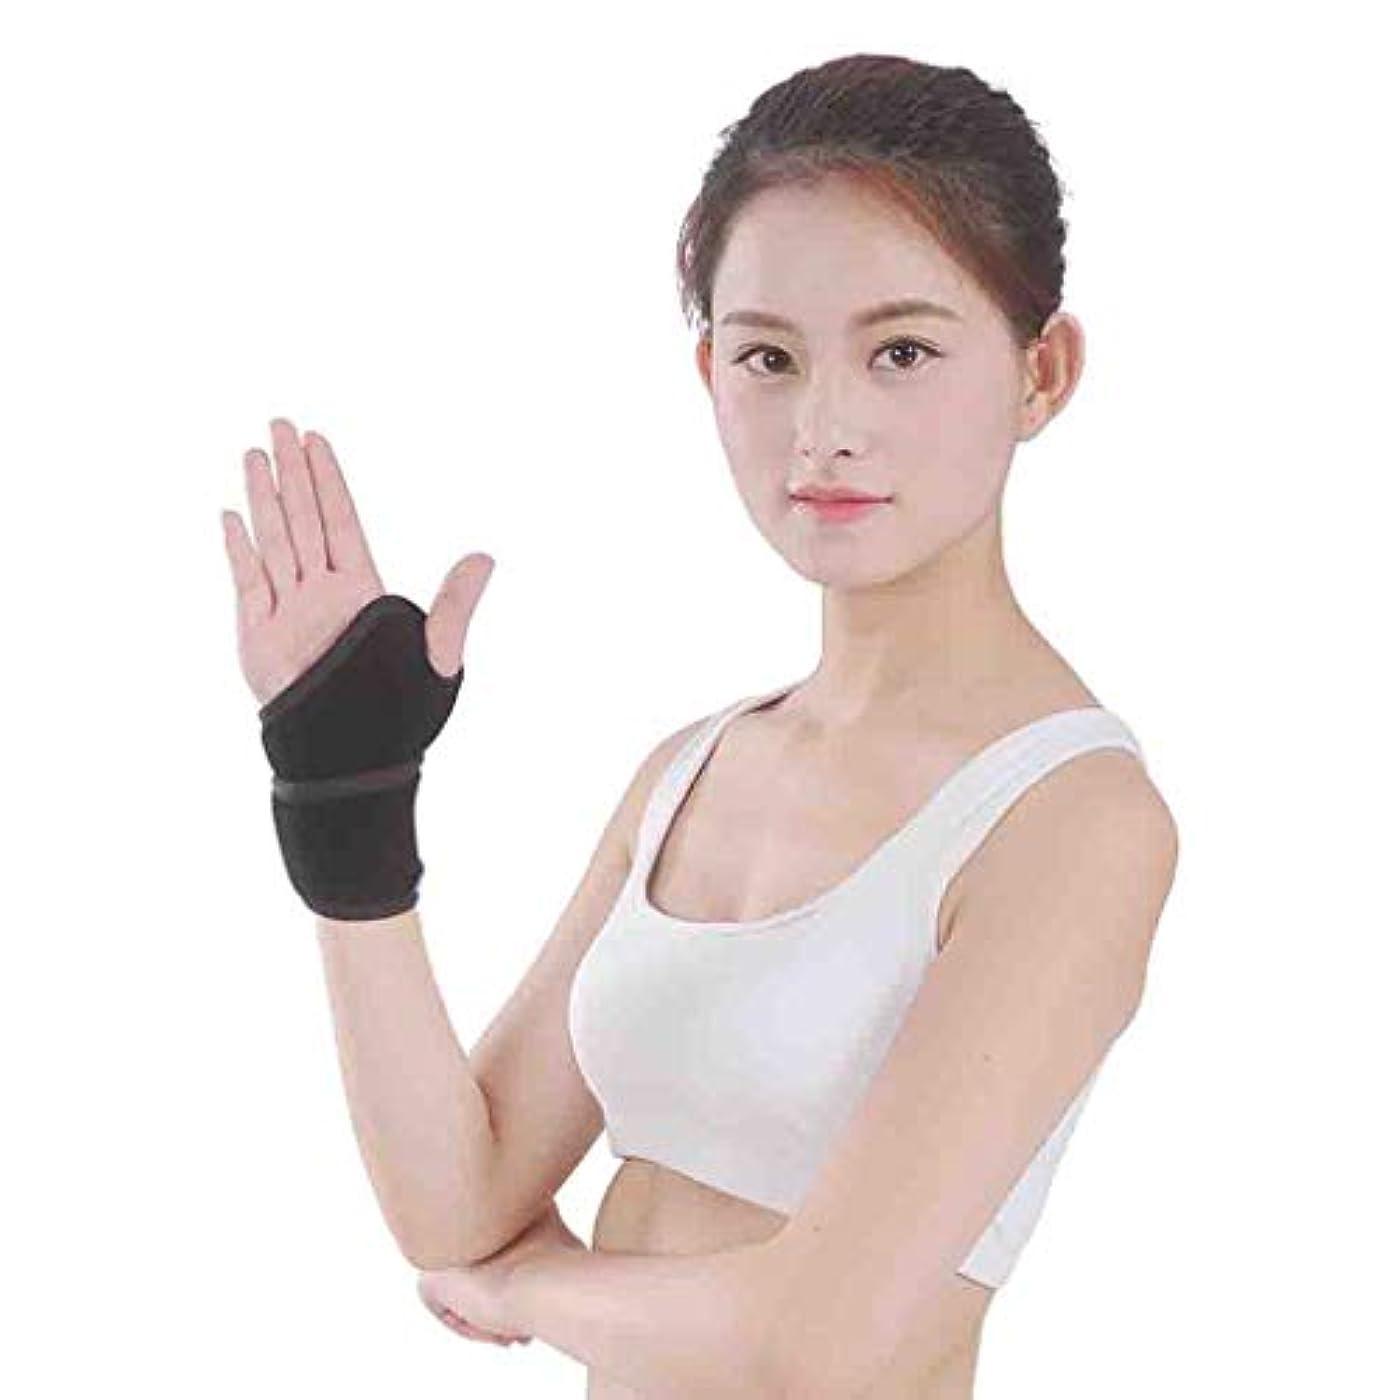 関節炎のための親指のスプリントベージュの親指のブレース関節炎や軟組織の傷害、軽量と通気性のための腱膜炎のリストバンド Roscloud@